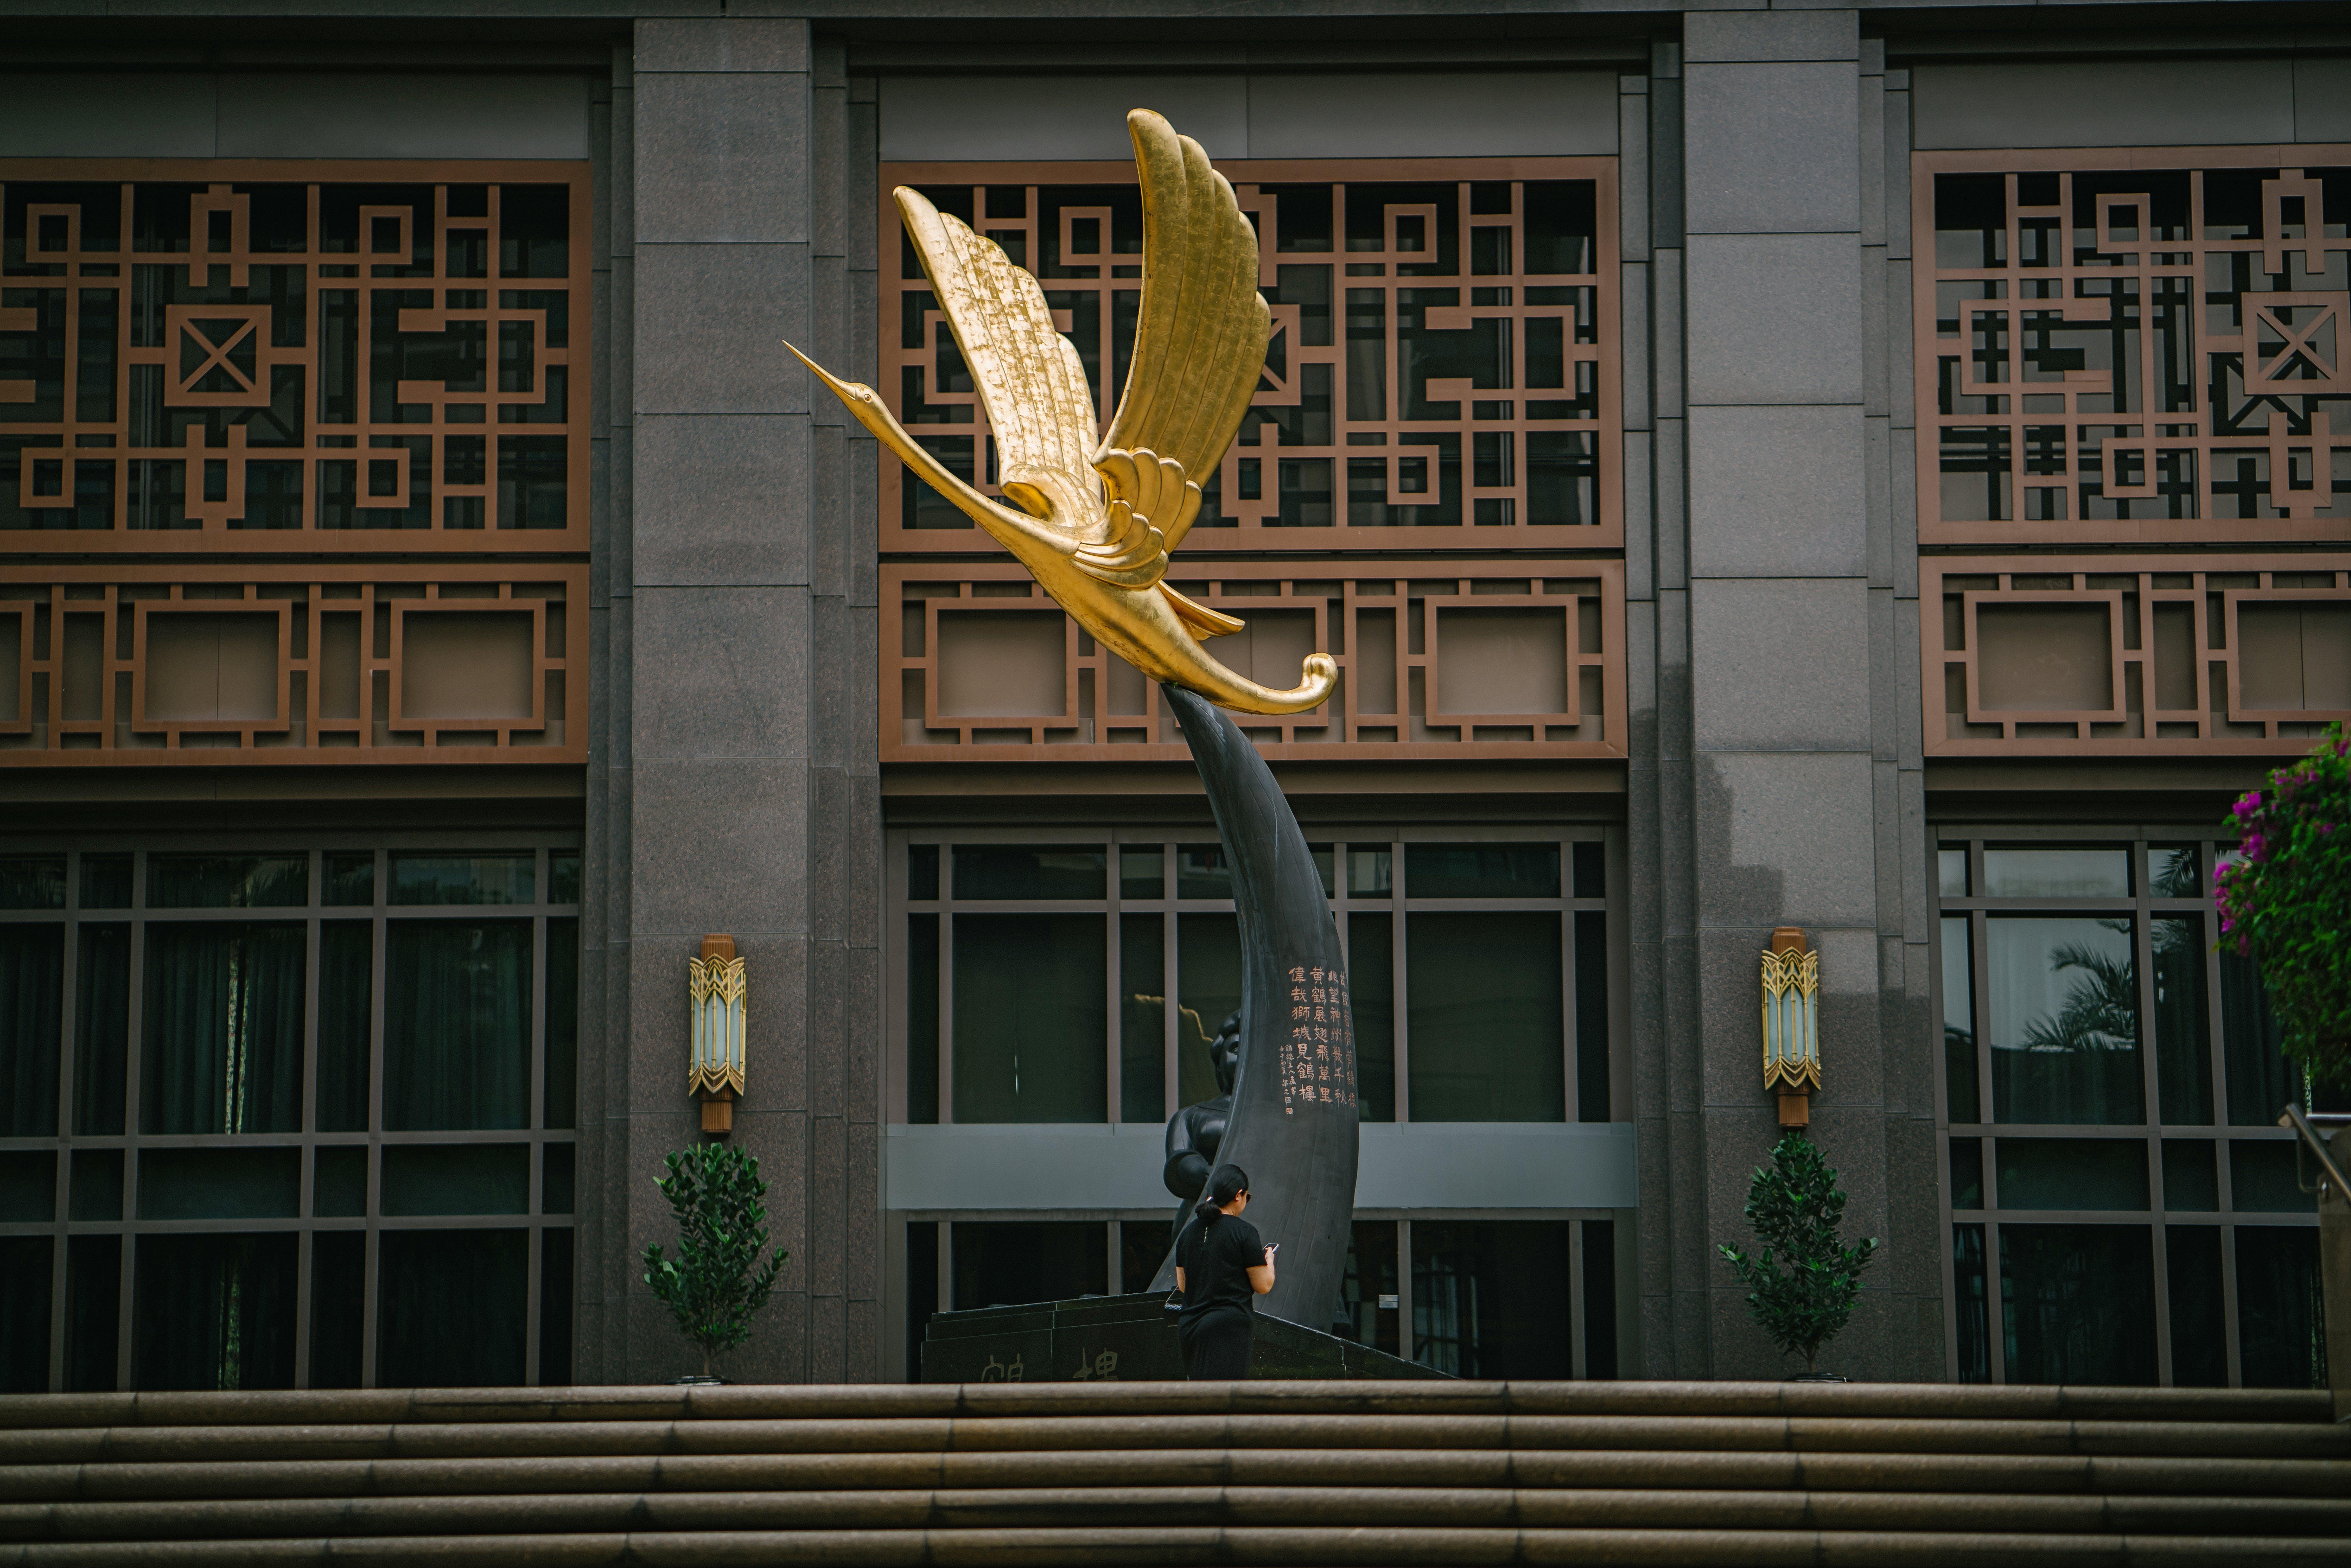 Immagine gratuita di architettura, arte, articoli di vetro, dorato